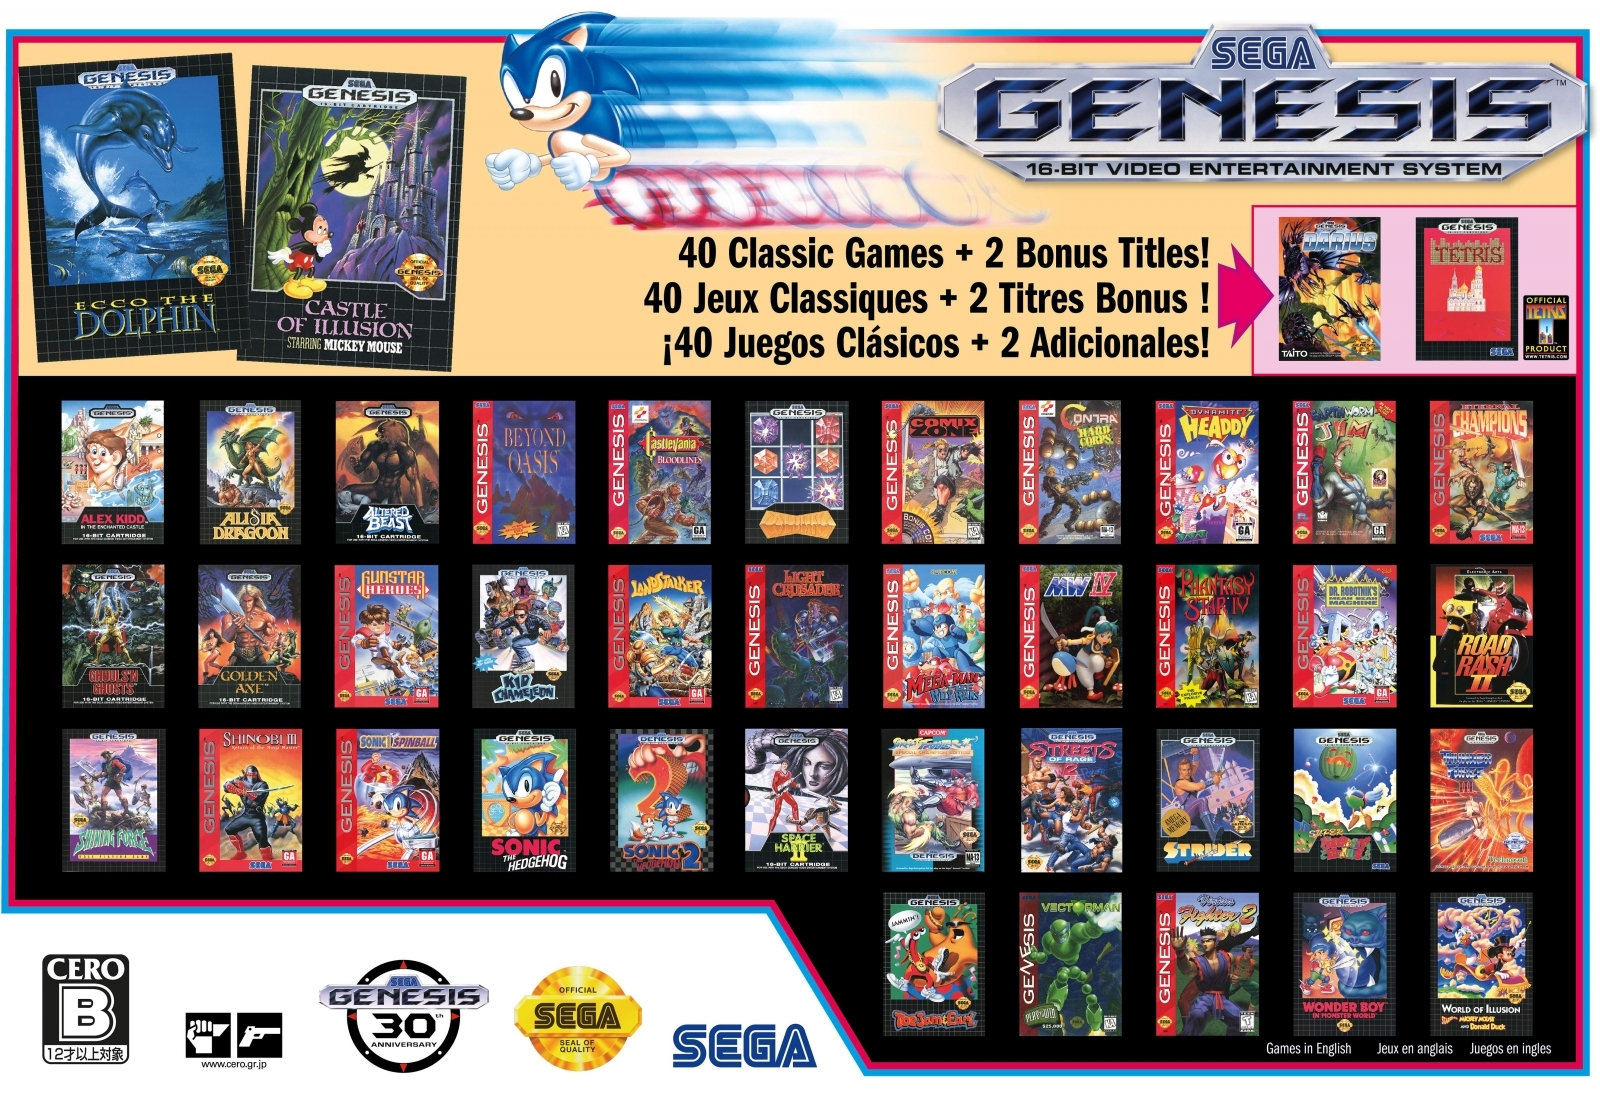 Genesis_body_installed_5300x3700